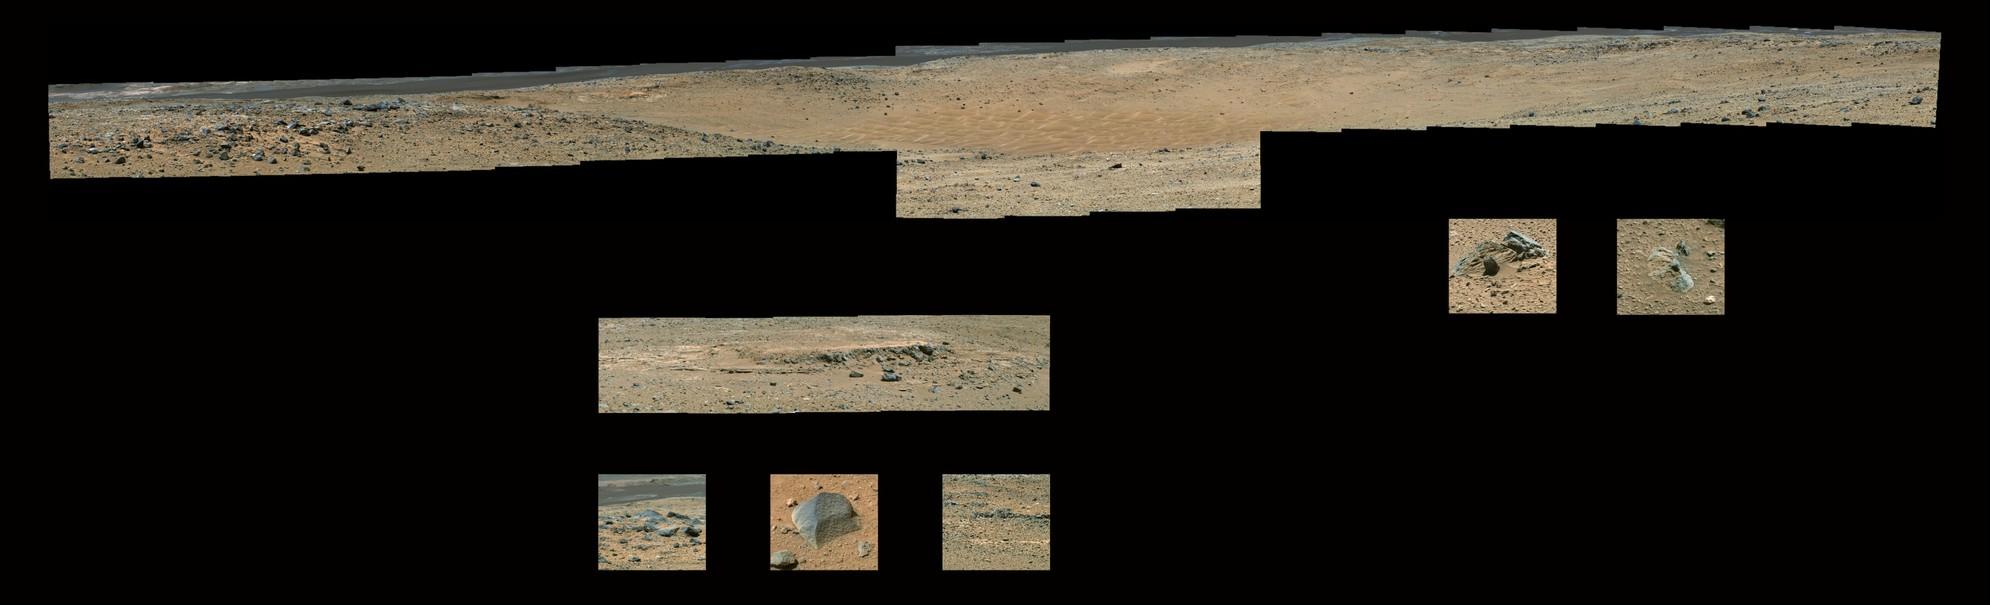 Curiosity Rover Sol 426 & 431 Composites